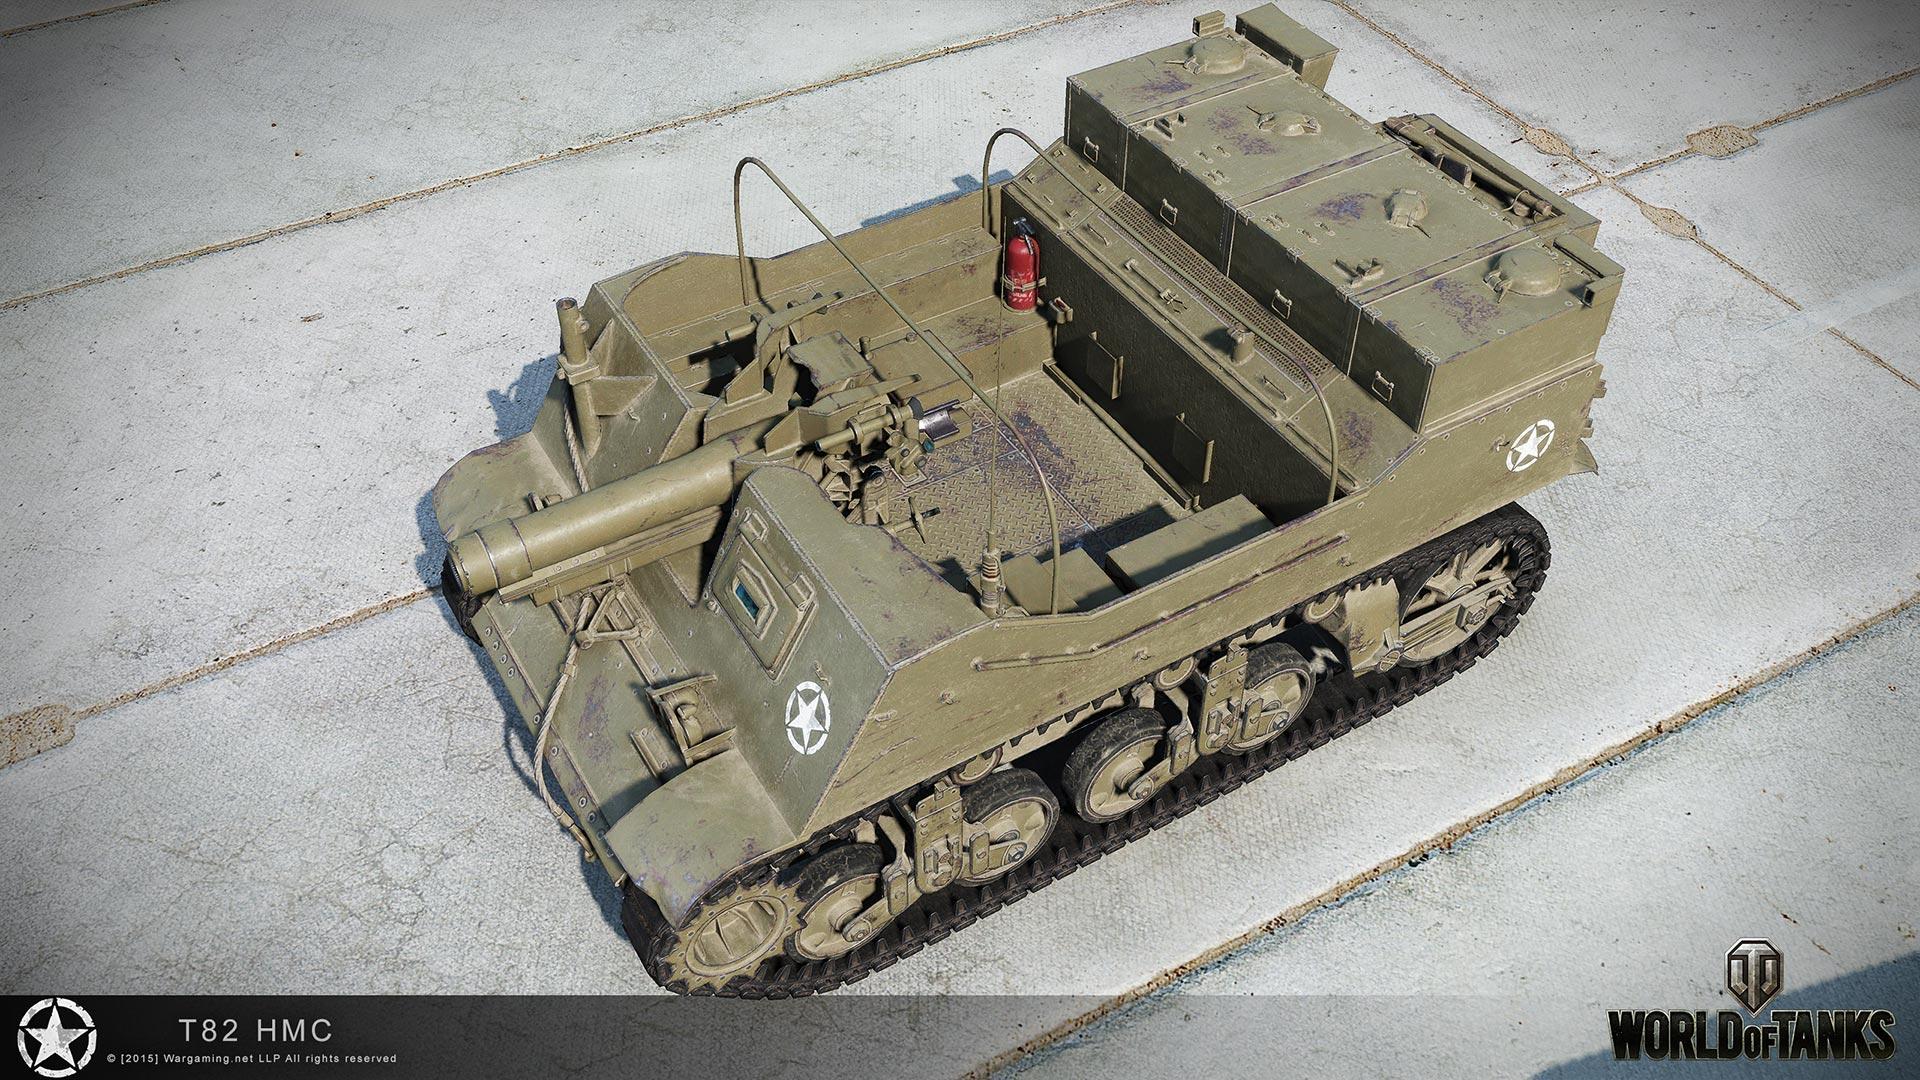 T82 HMC в HD качестве